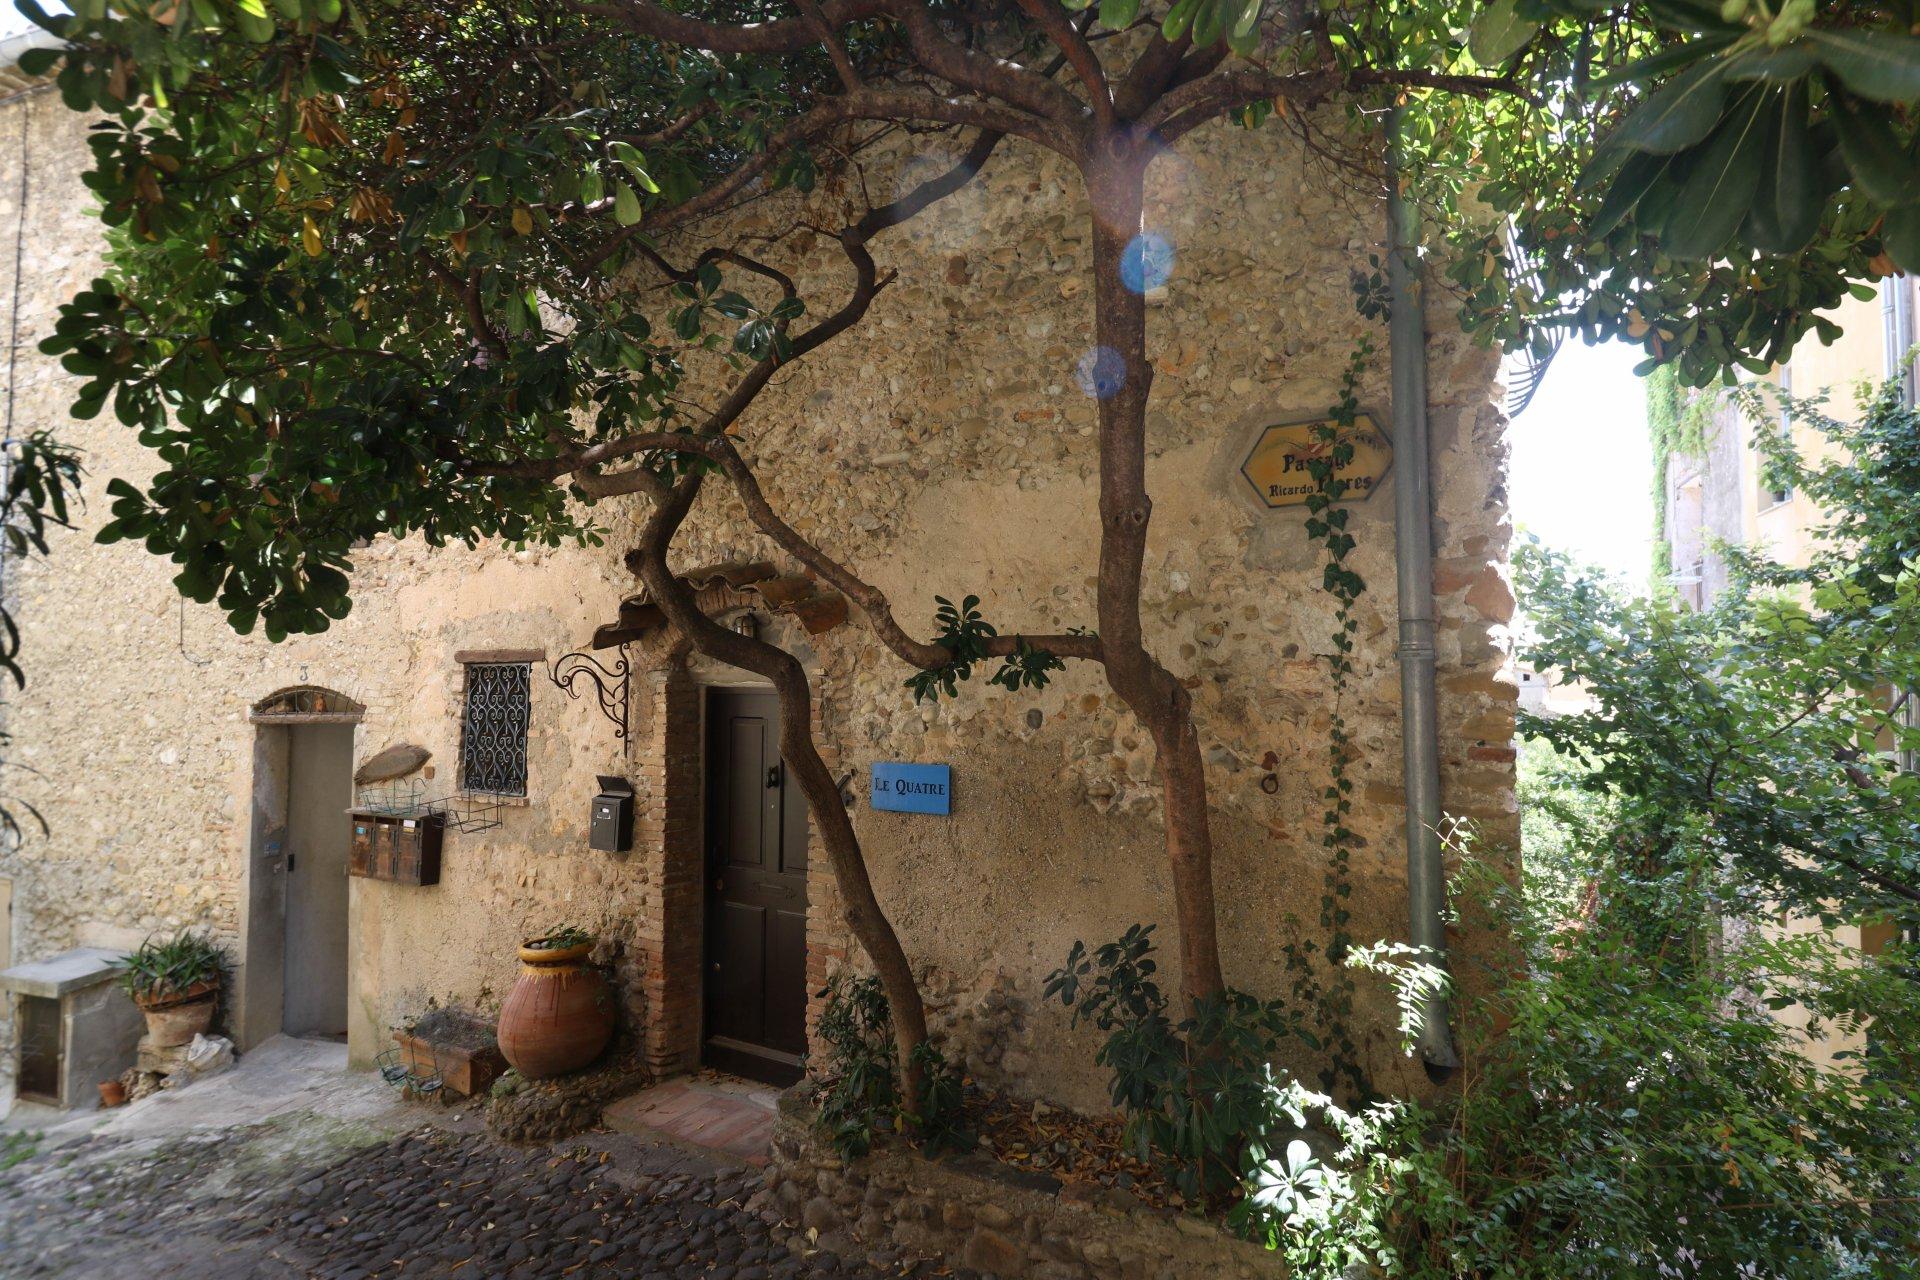 Vendita Casa - Cagnes-sur-Mer Haut-de-Cagnes